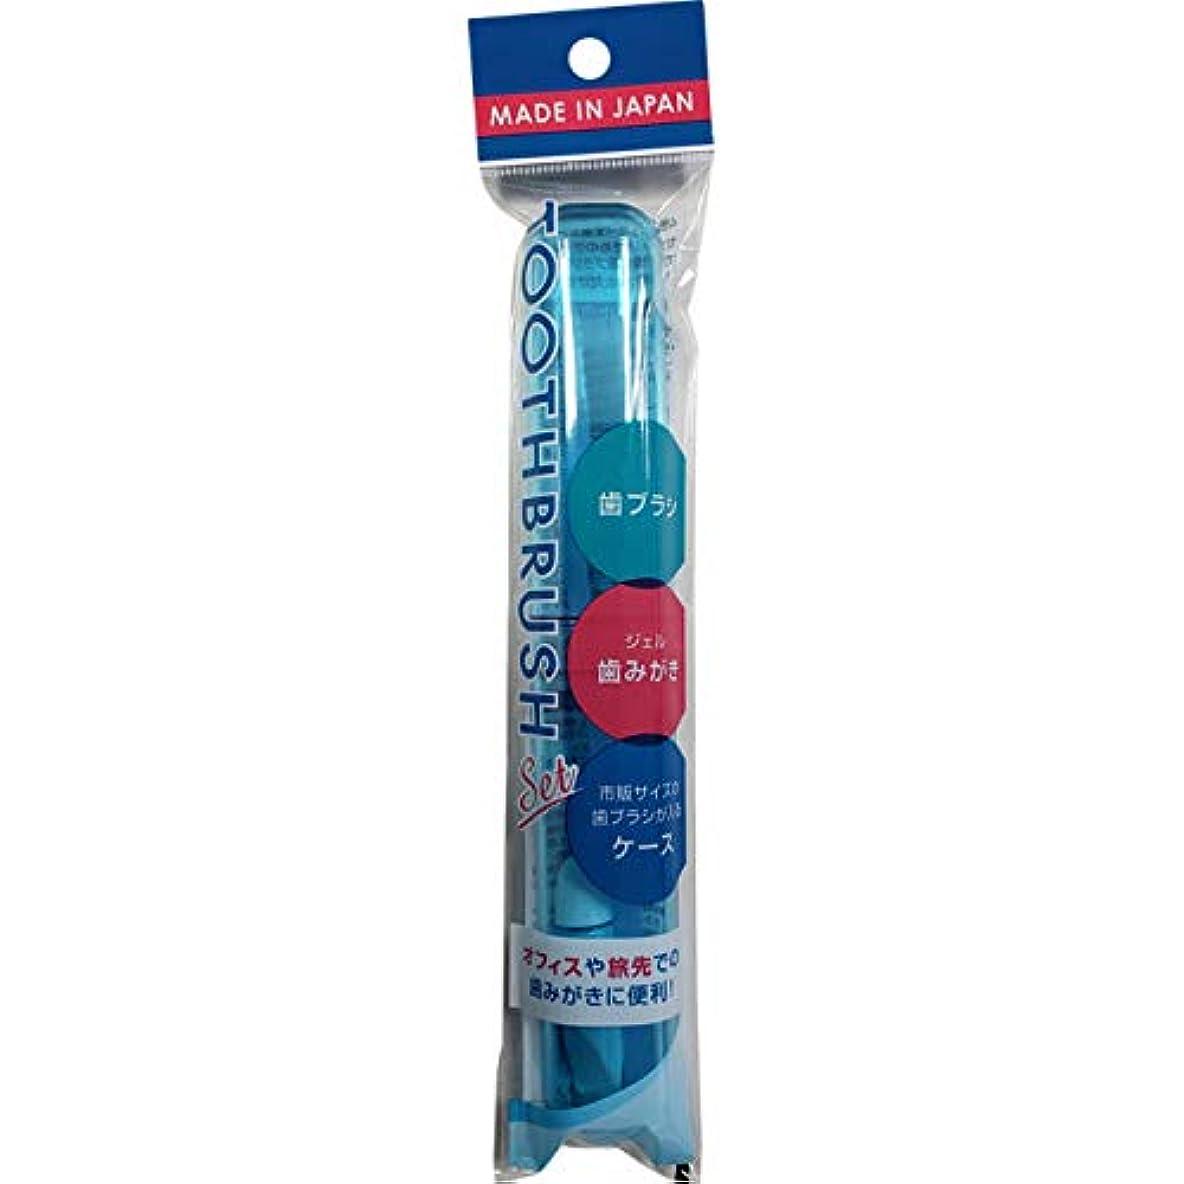 維持する韓国語真剣に【4個セット】歯ブラシ&ジェル歯みがきケースセット